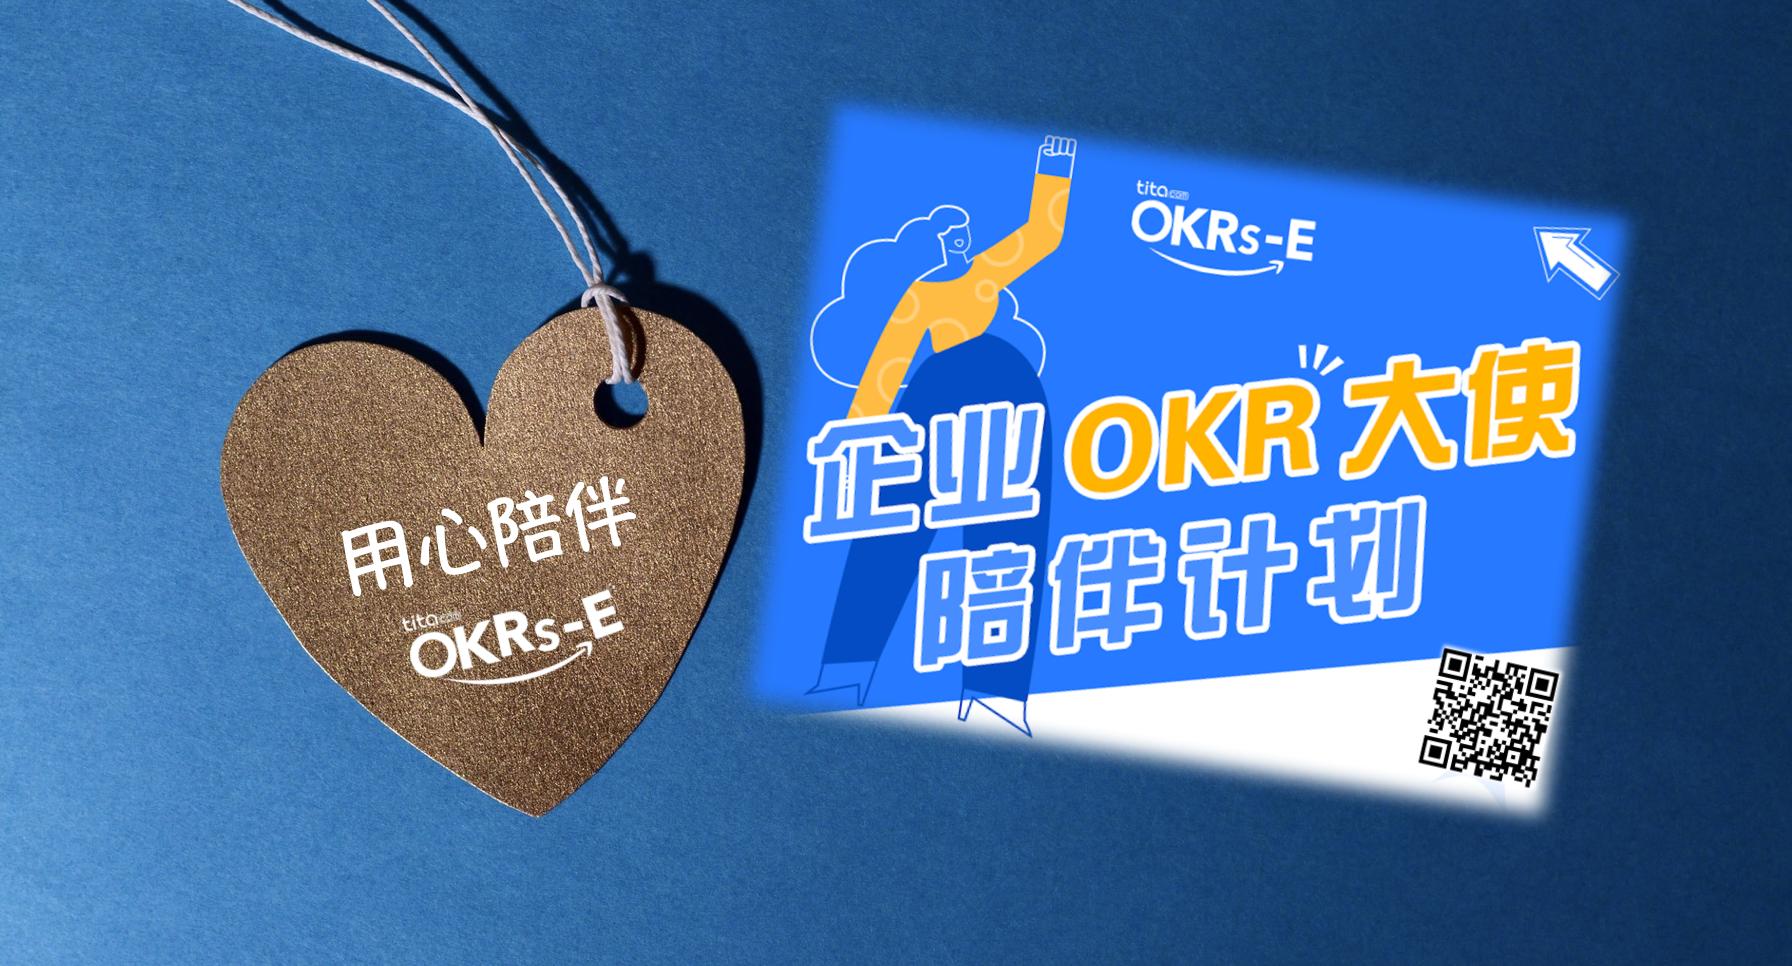 不懂OKR?让我们先了解一点点基础。